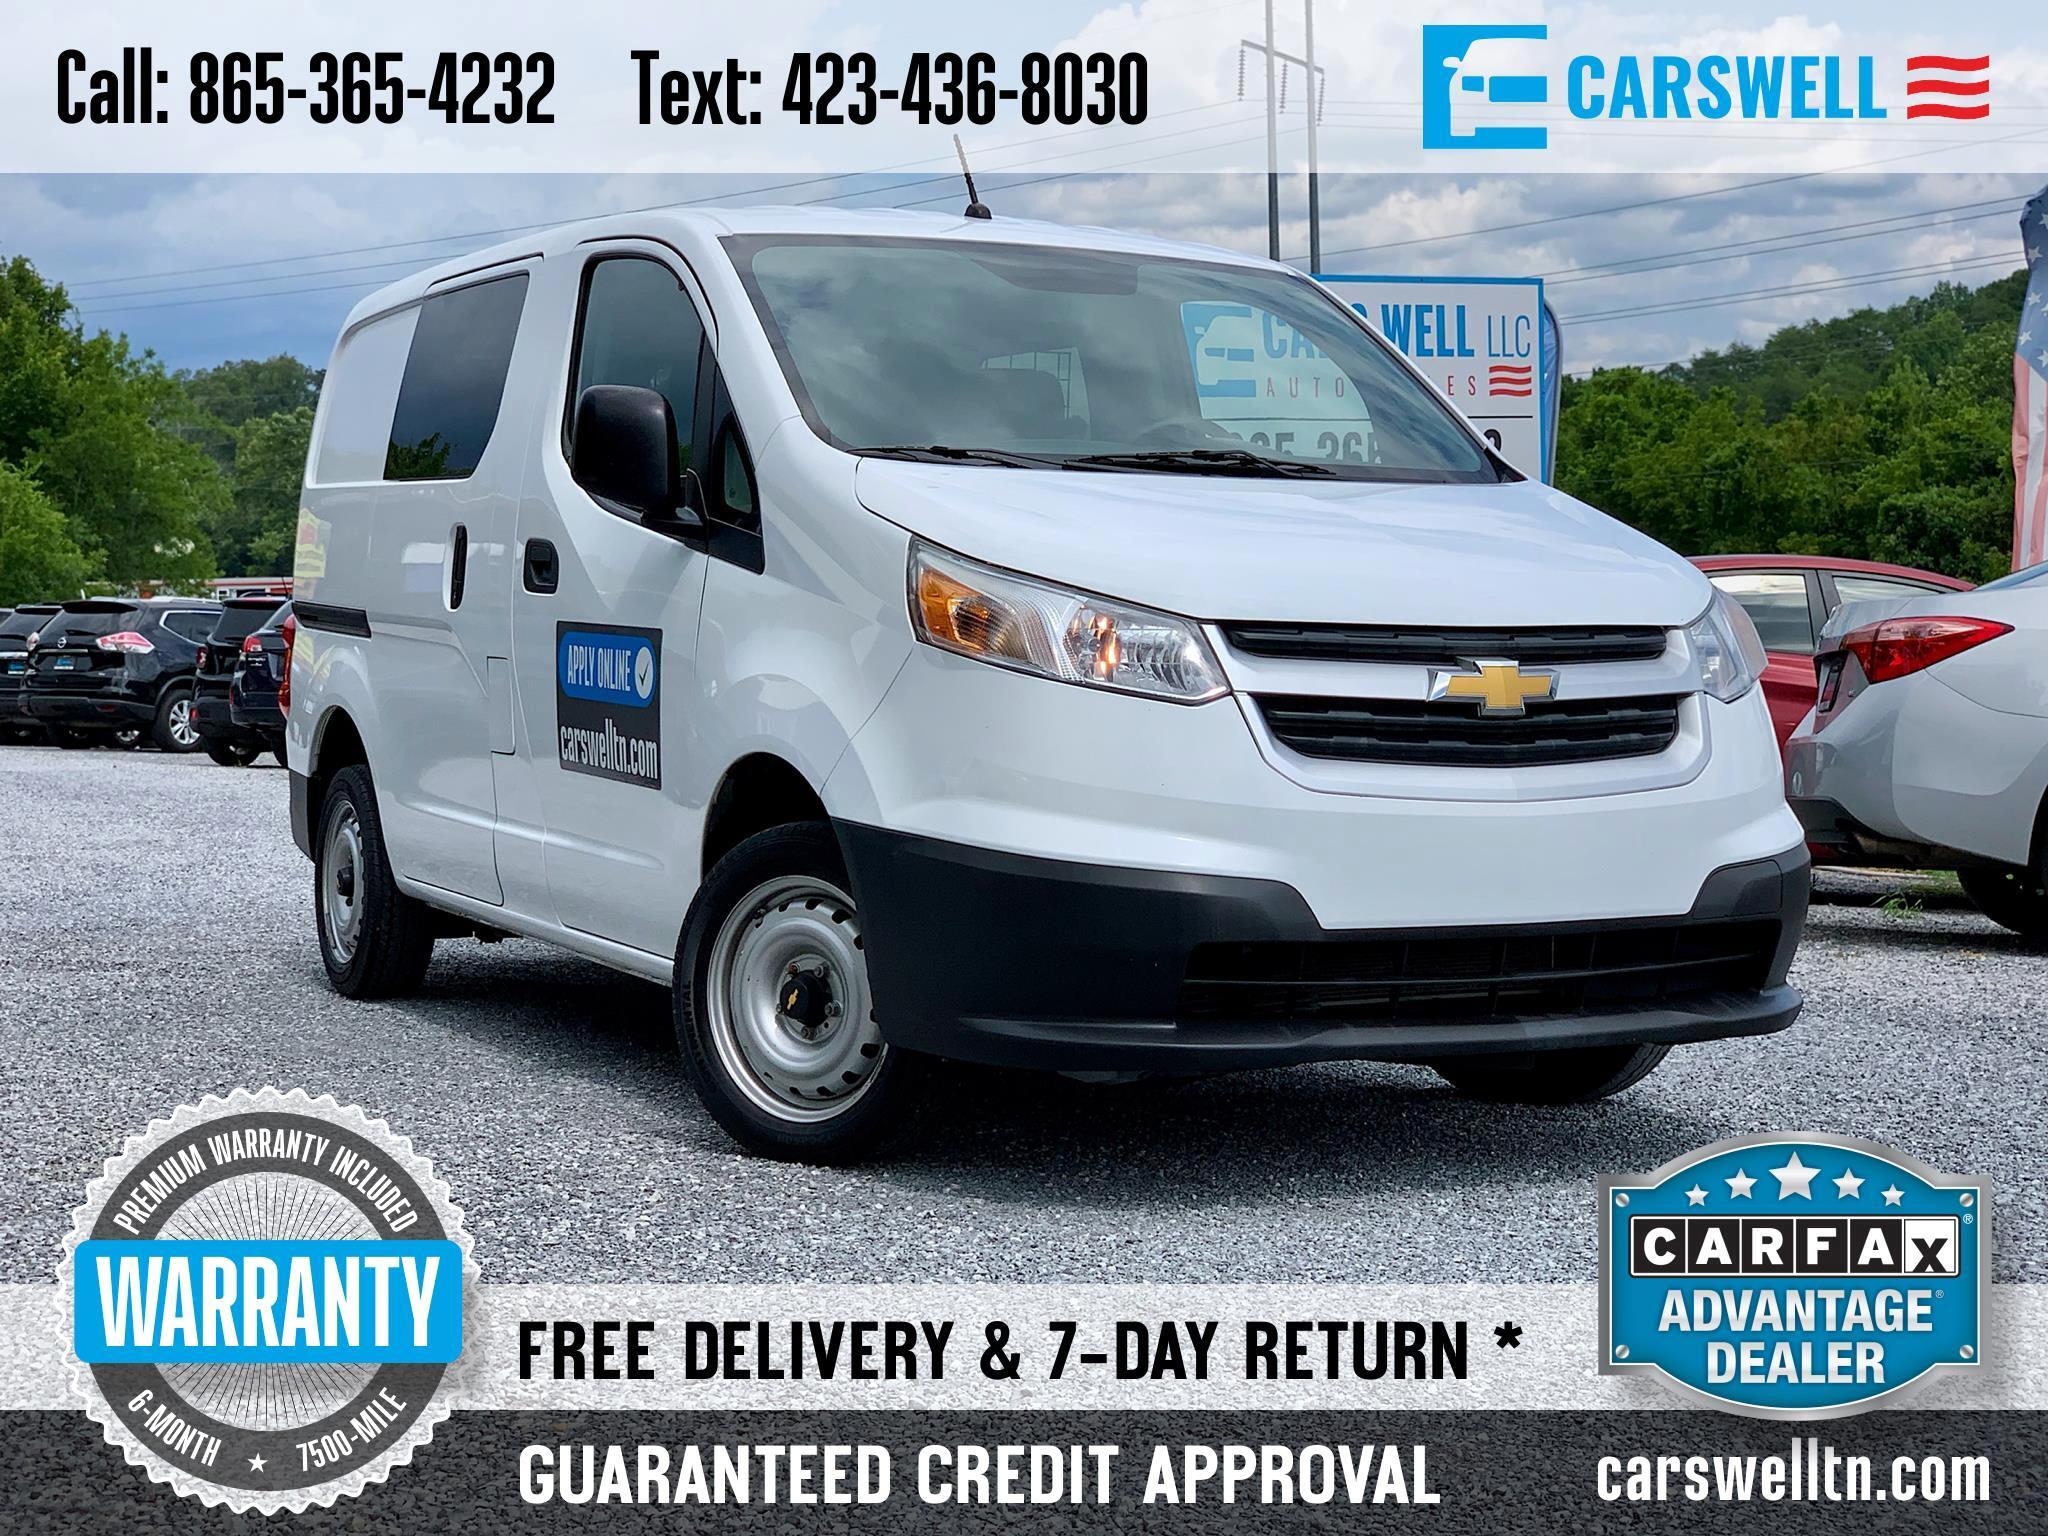 2016 Chevrolet City Express Cargo Van FWD 115